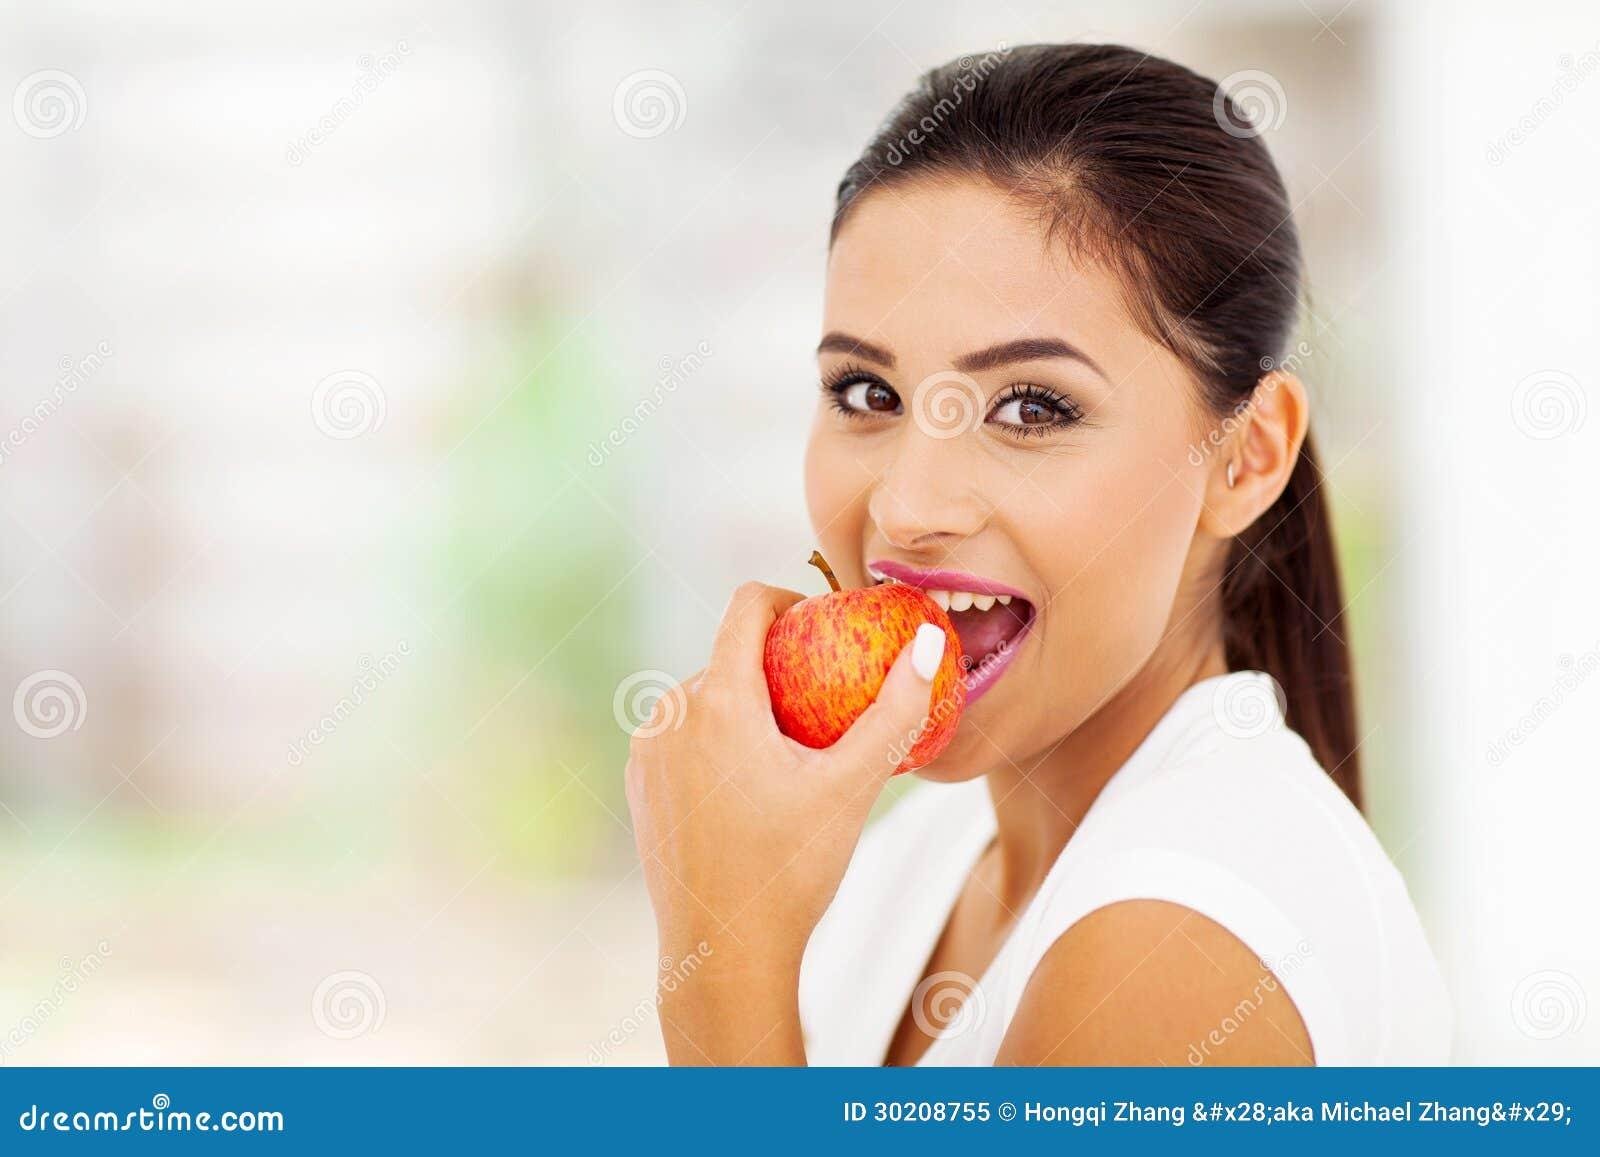 Длительные и эффективные диеты